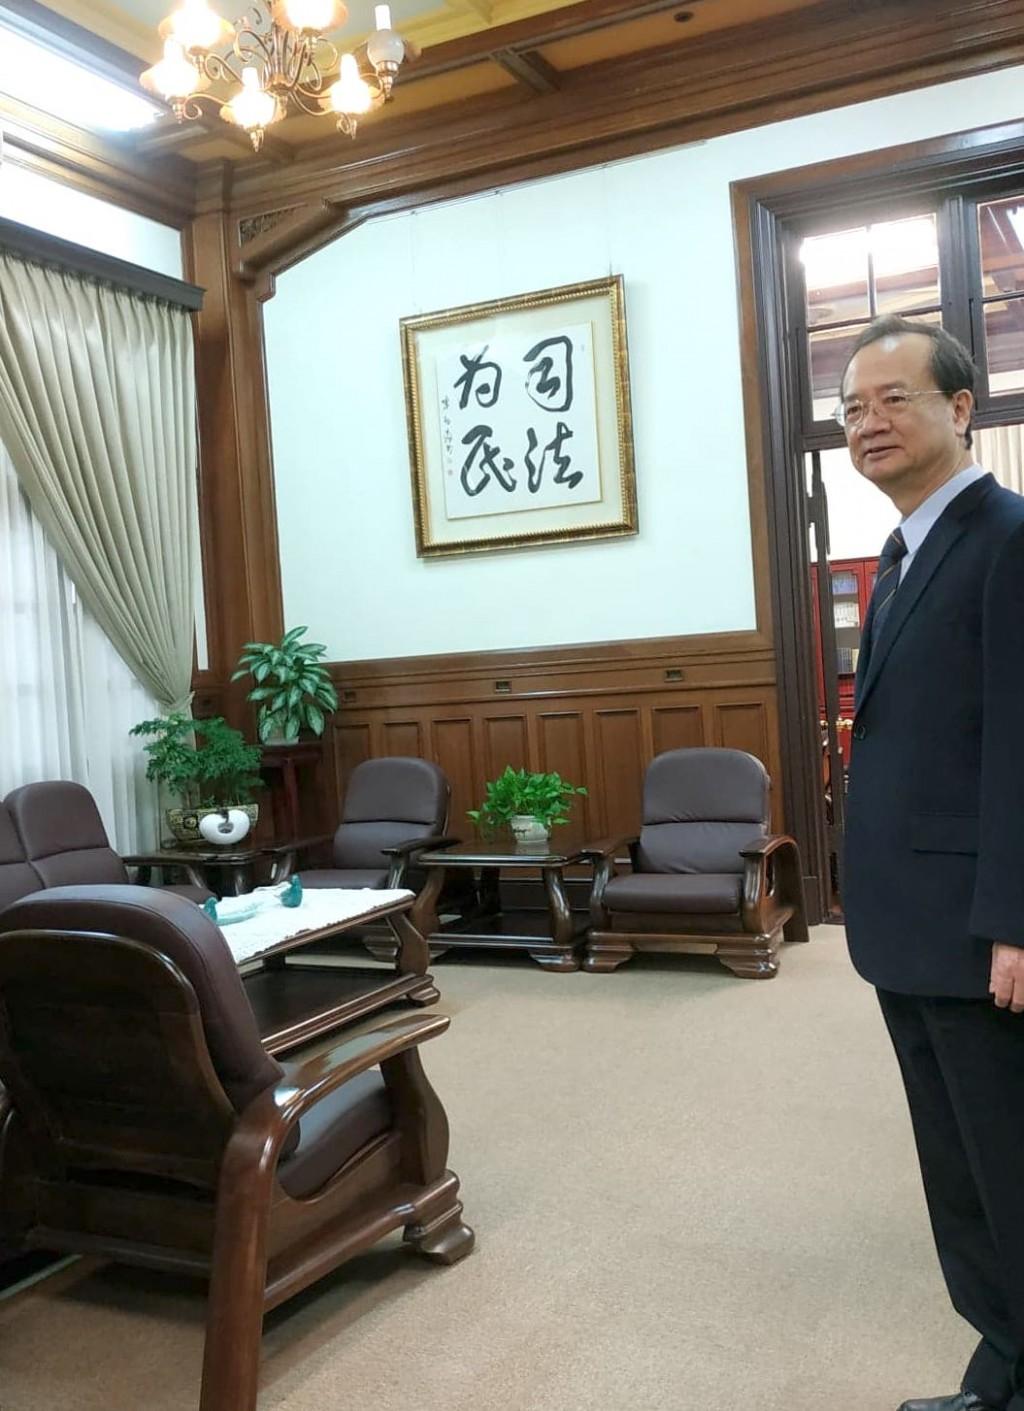 Taiwan's Judicial Yuan shows it has an open heart